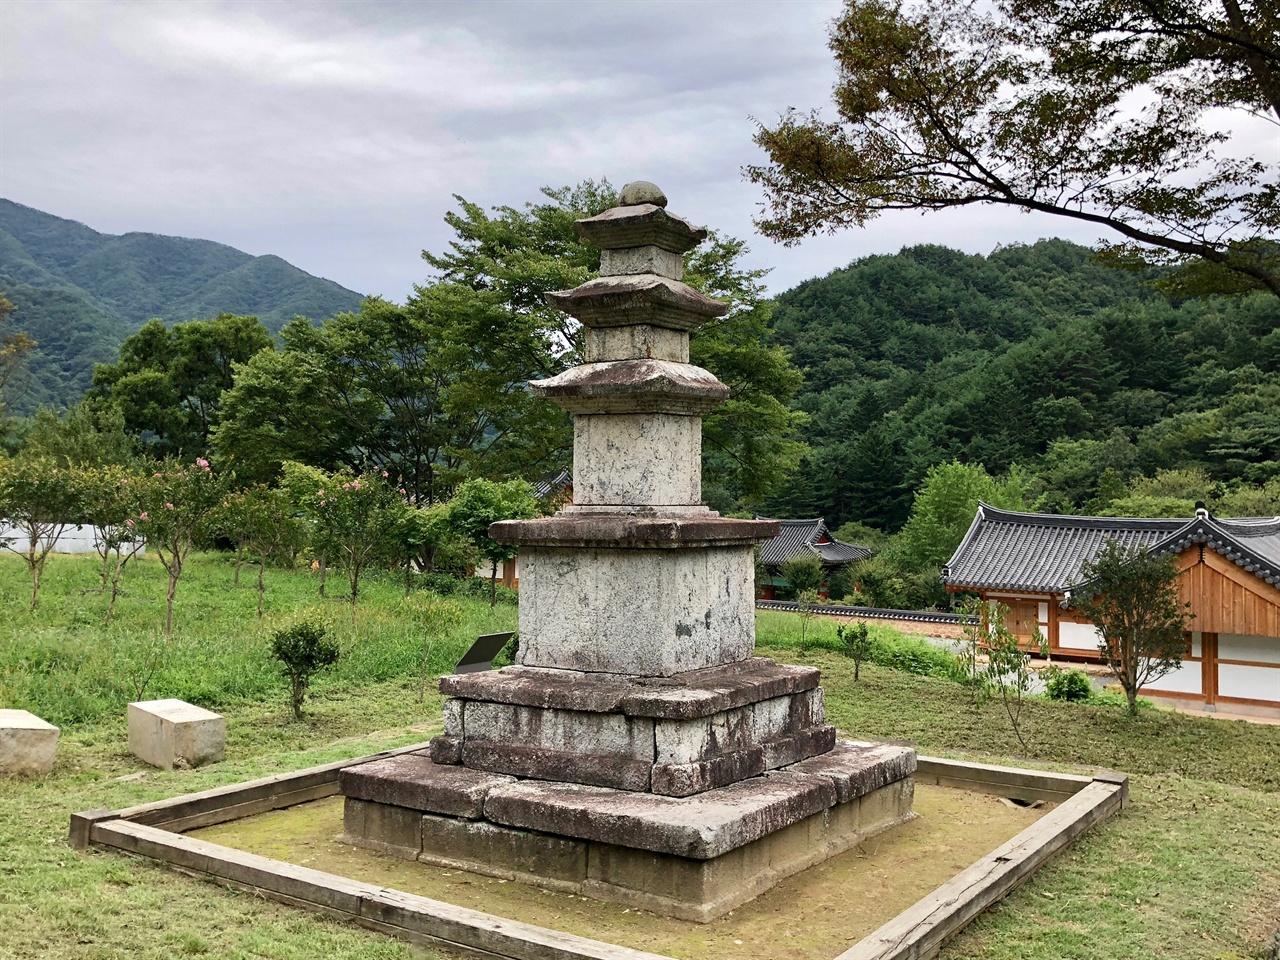 지리산 연곡사 보물 제151호 삼층석탑